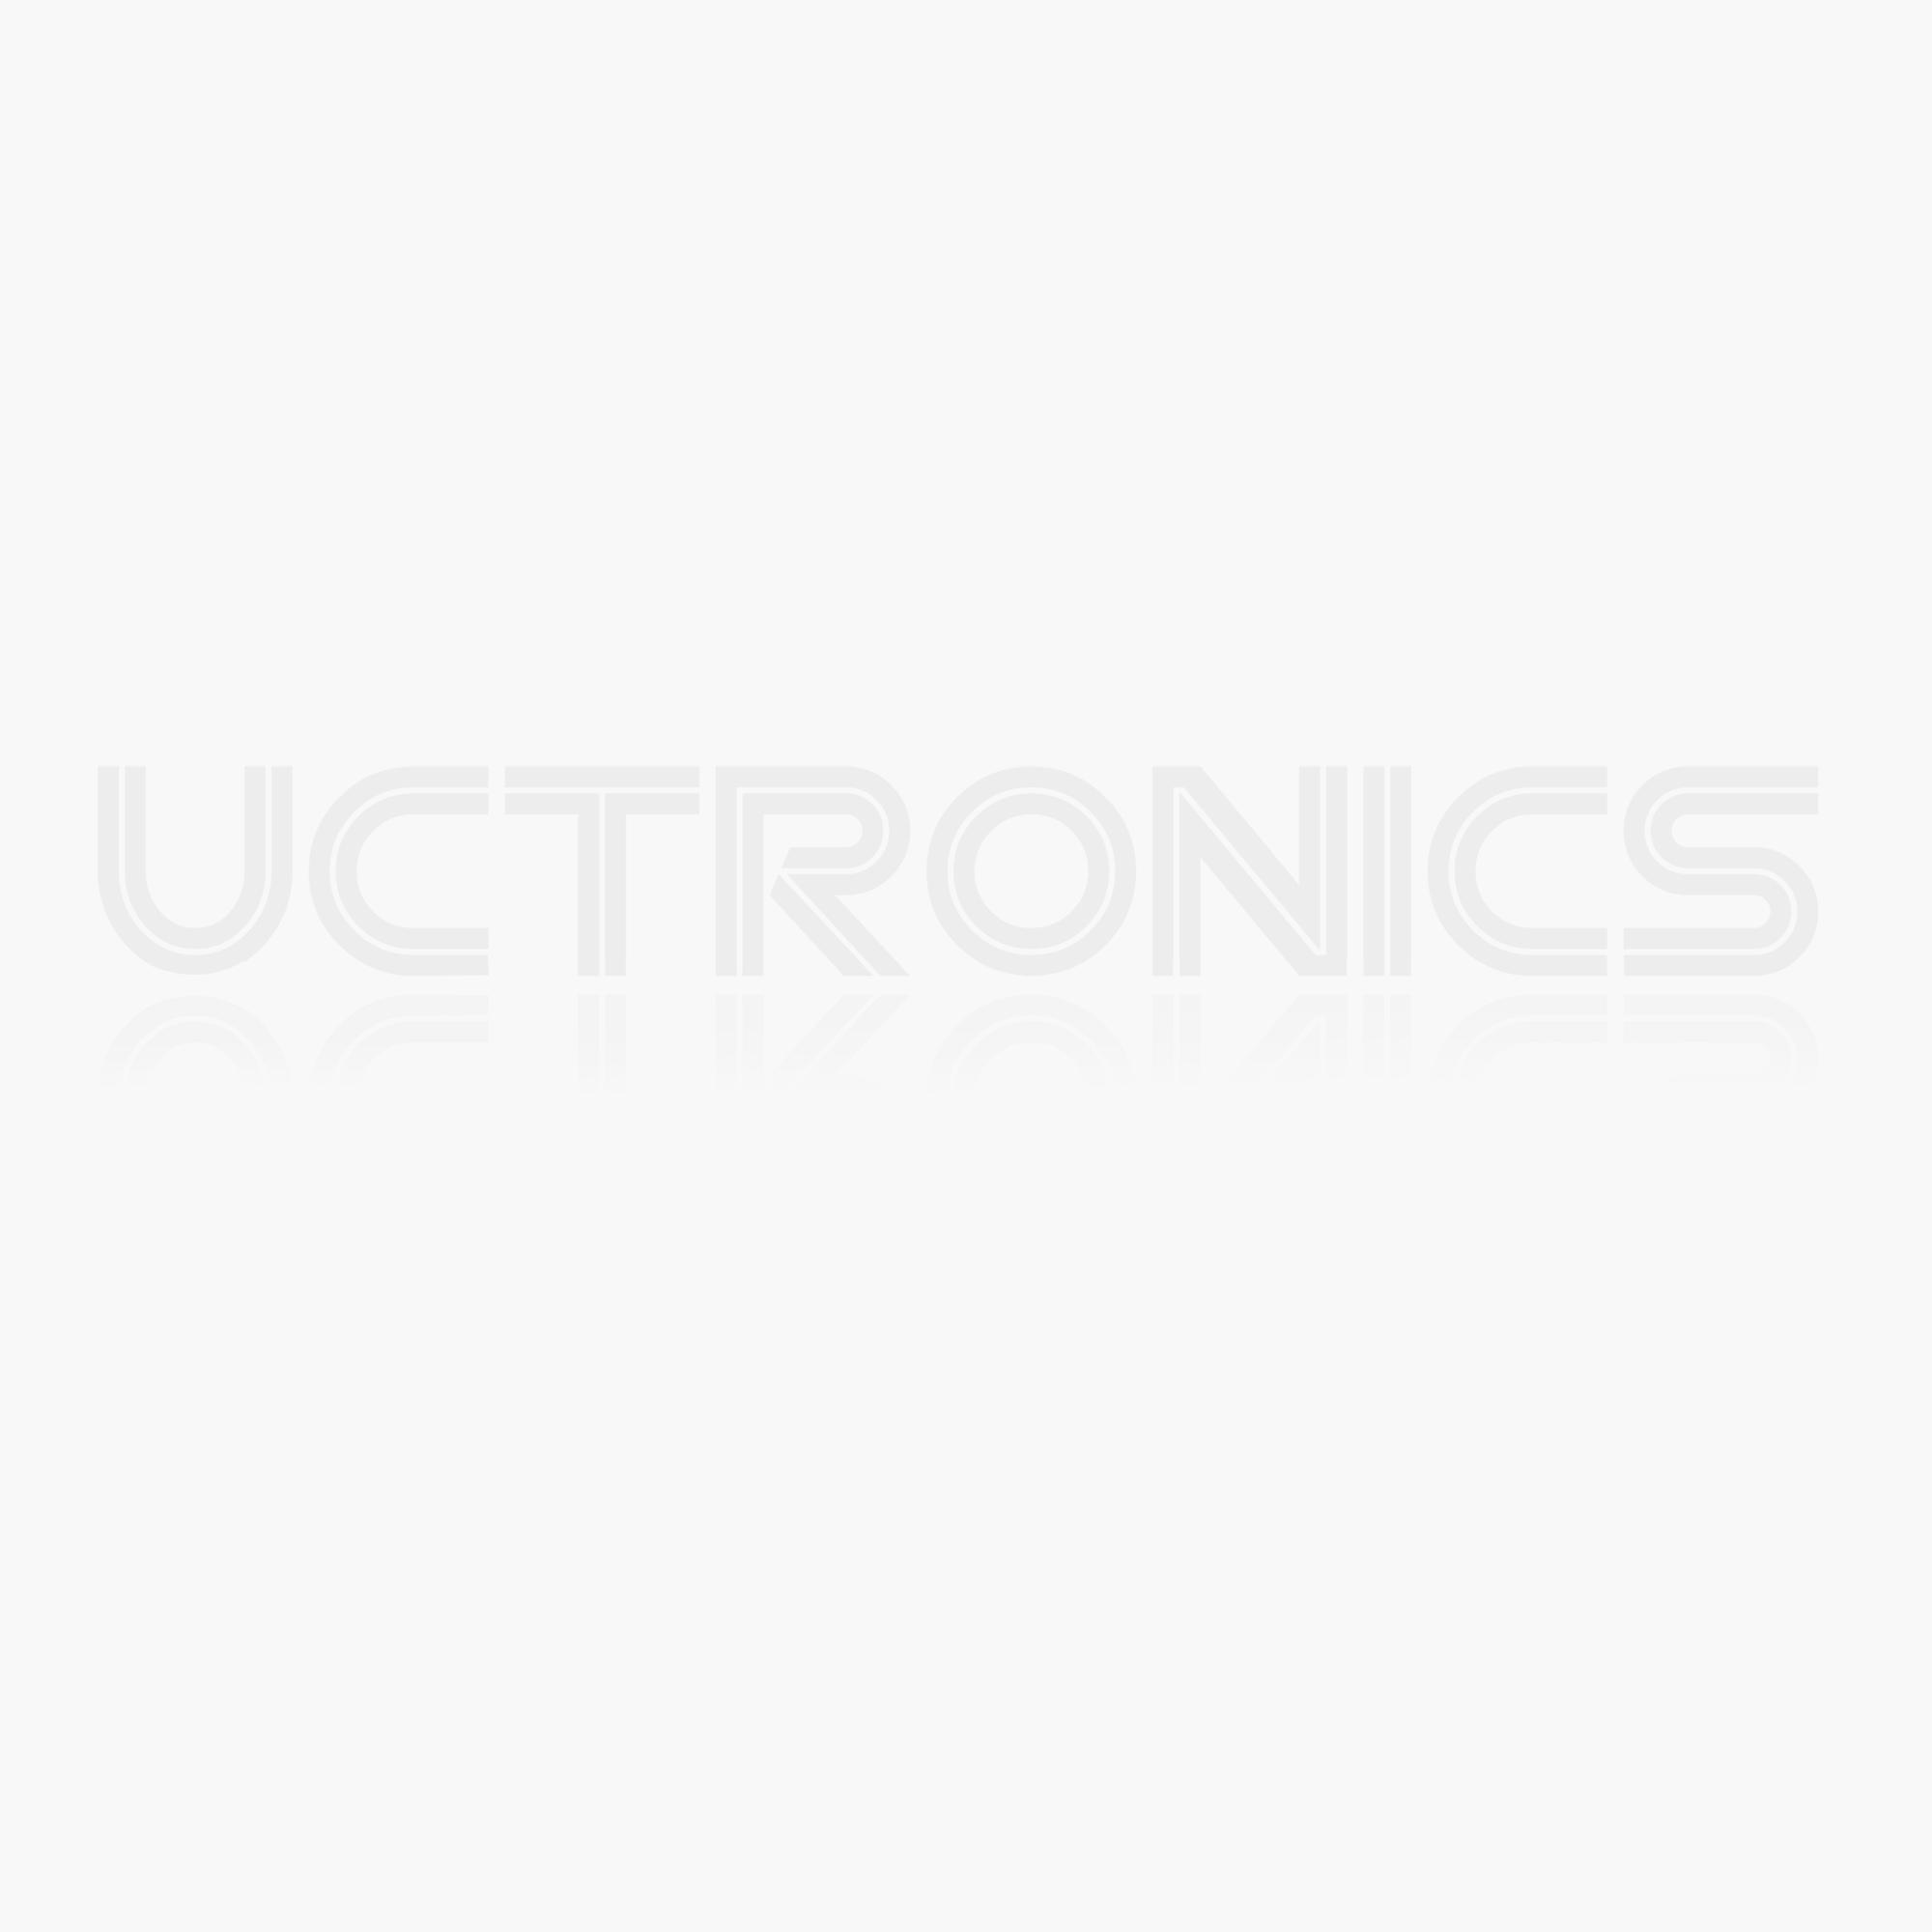 DM55-1 AC100-300V LCD Digital Volt Meter Voltmeter Euro Plug